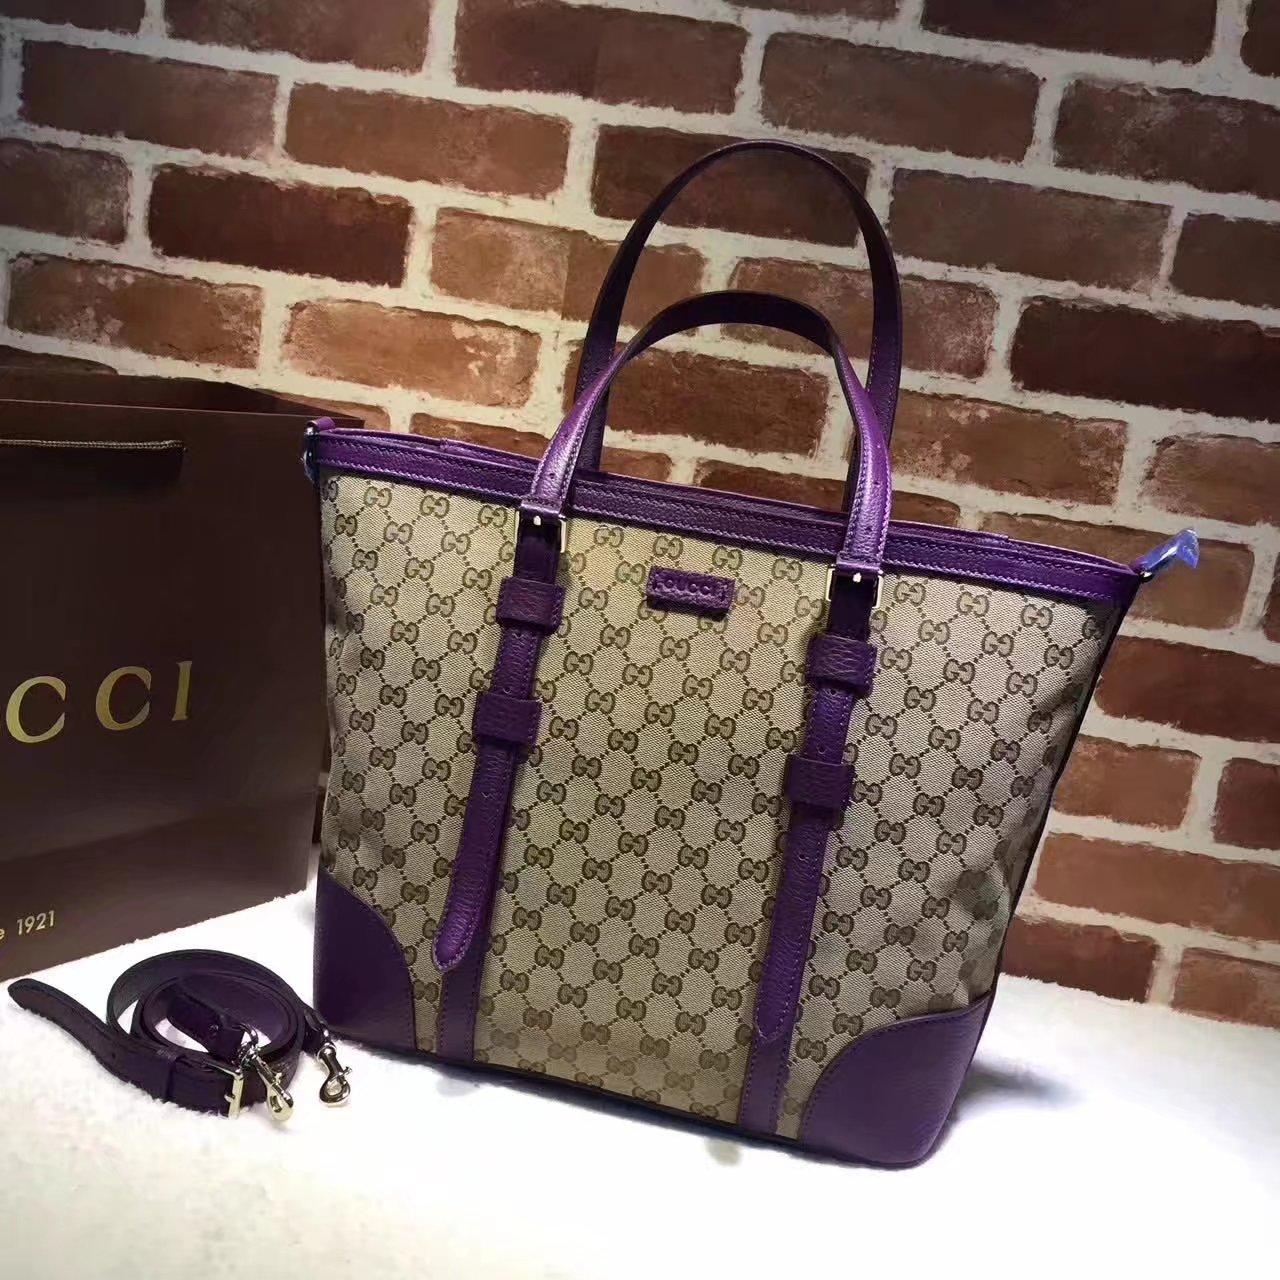 Original Gucci 387602 GG Supreme Women Tote Bag Purple